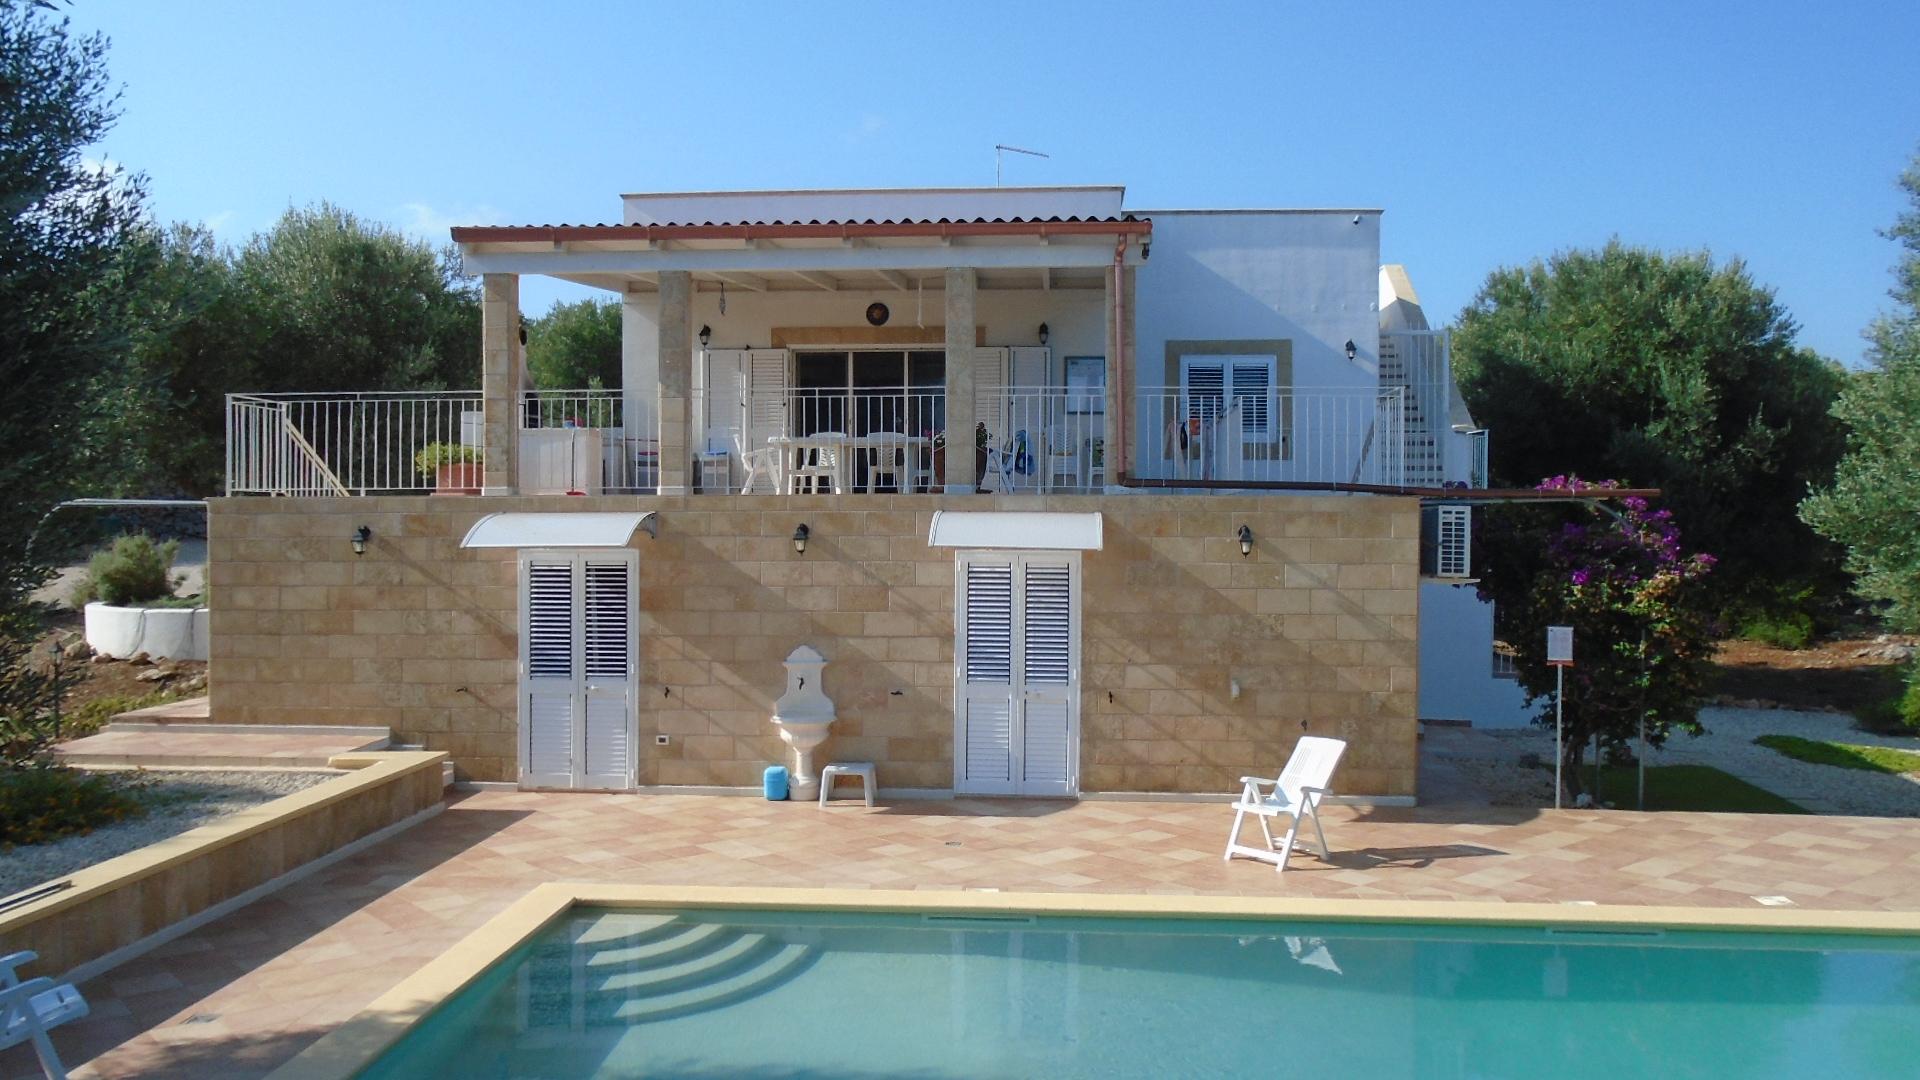 Affitto villa con piscina in puglia zona ostuni prenota for Affitto 4 4